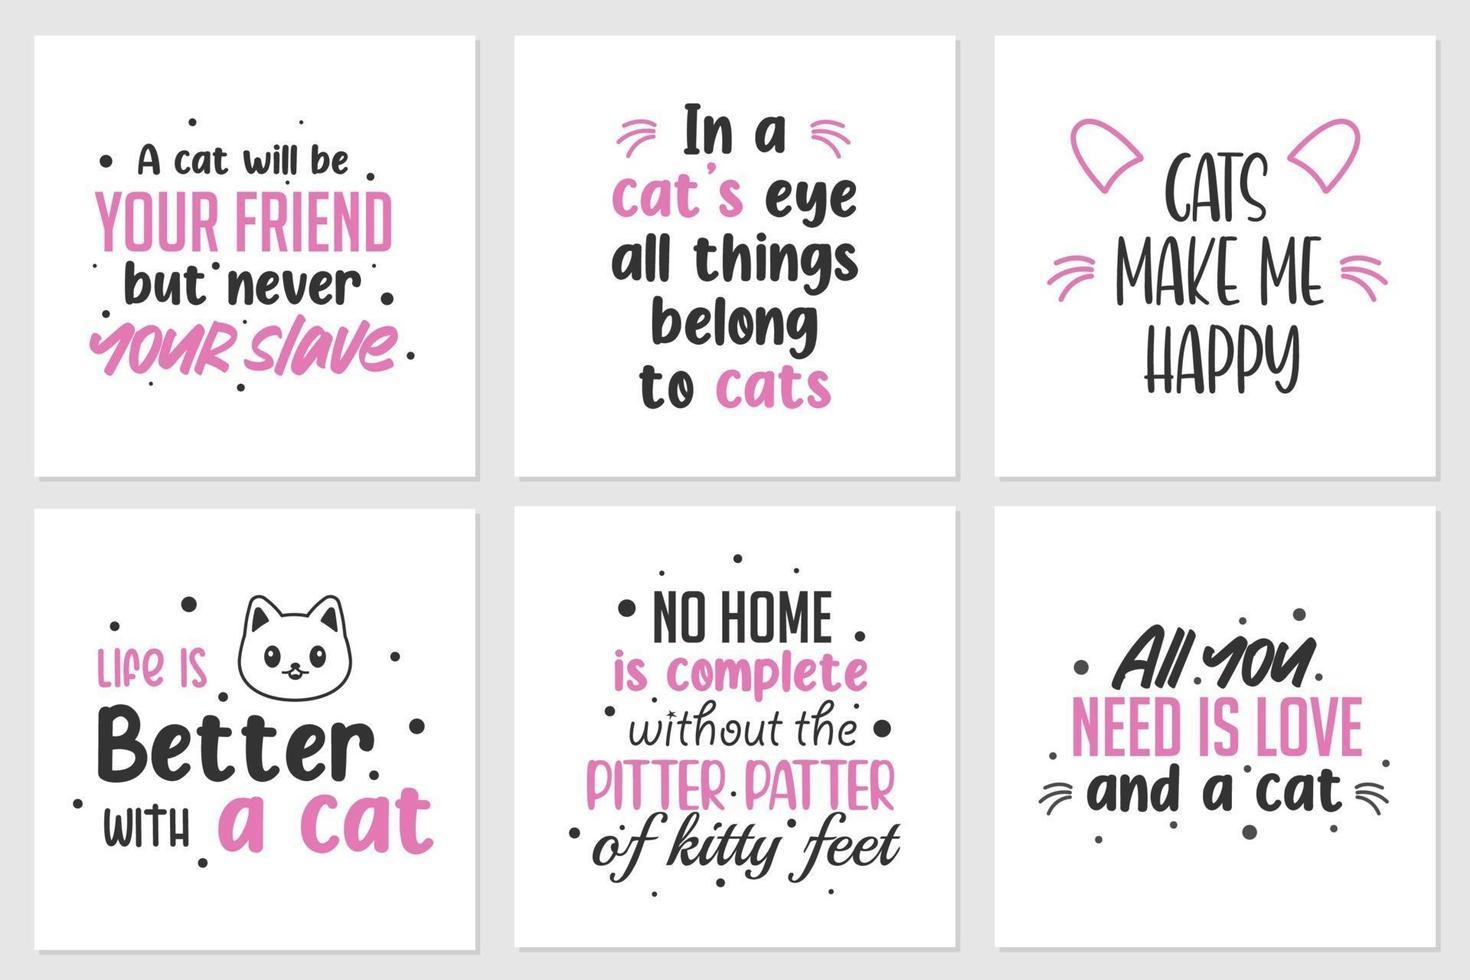 Sammlung von Zitaten über süße Katzen oder Tiere. kann auf T-Shirts, Heimwanddisplays und anderen angewendet werden vektor